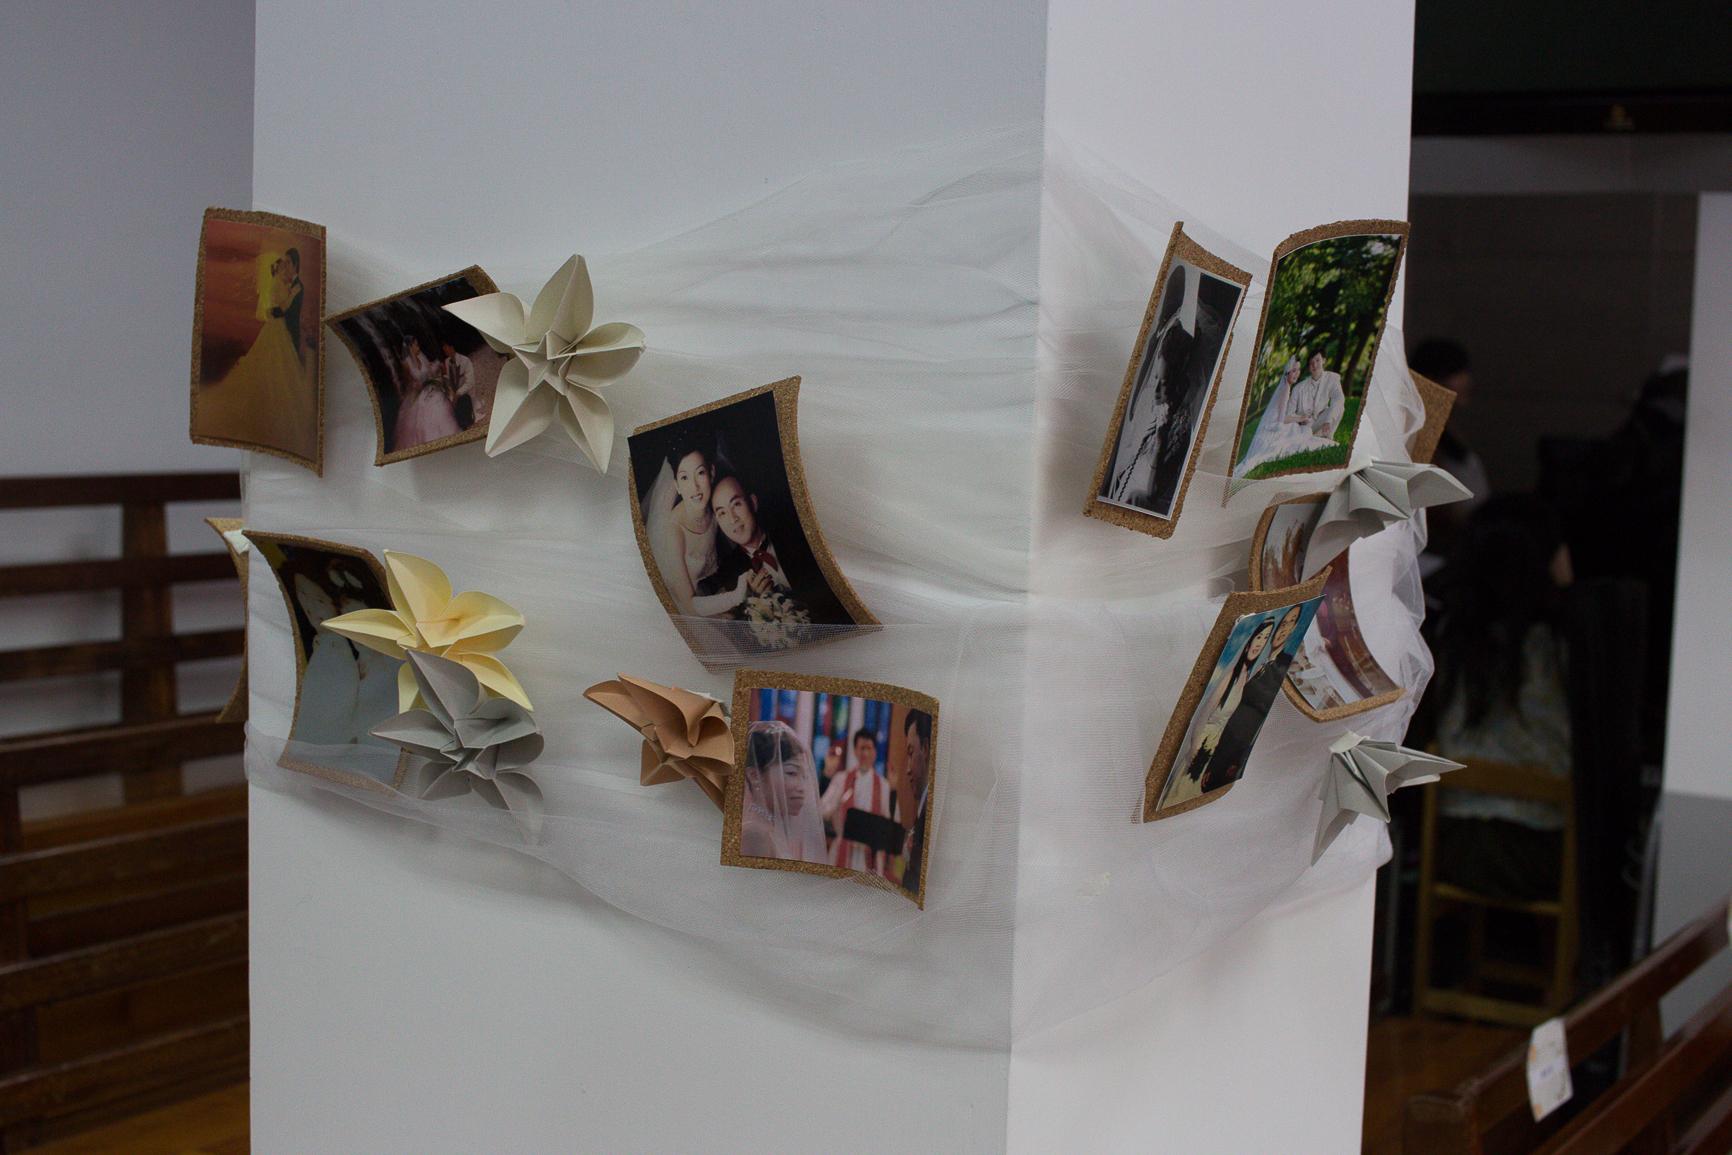 默默推薦婚攝,張默默,婚禮紀錄默默,推薦,momo婚禮-0004.jpg